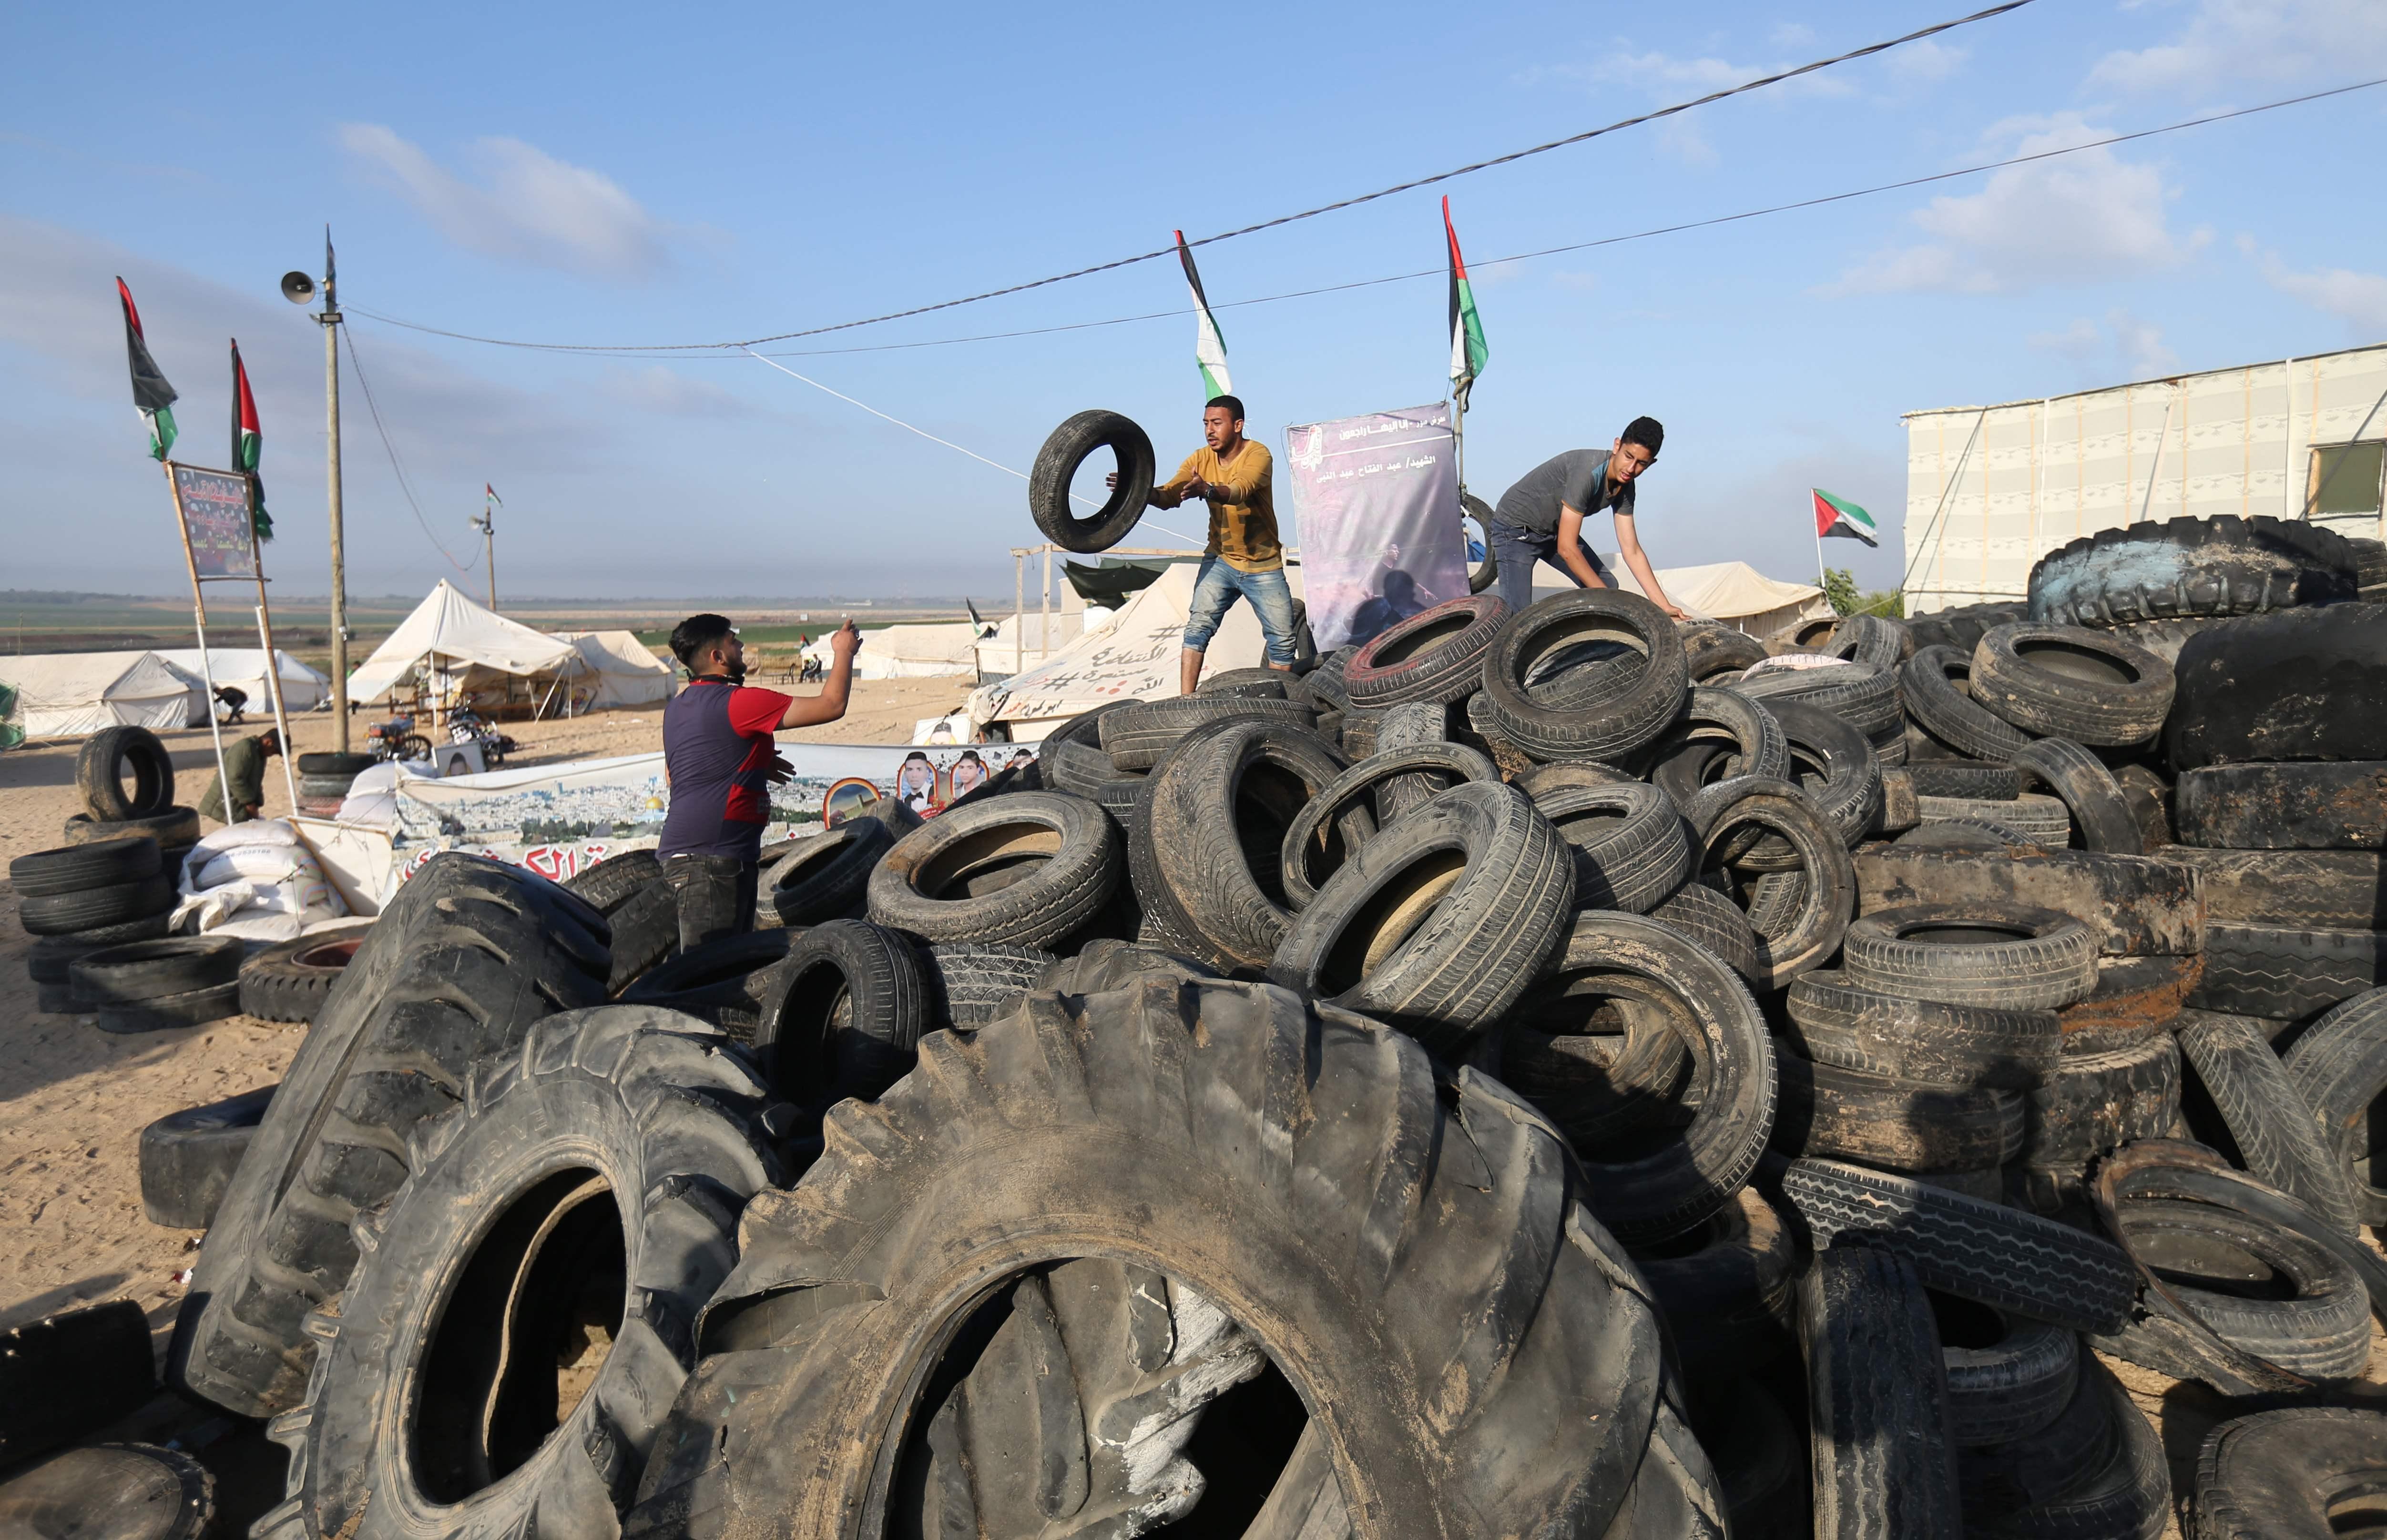 عشرات اطارات الكاوتش لدى الفلسطينيين قبل المظاهرات